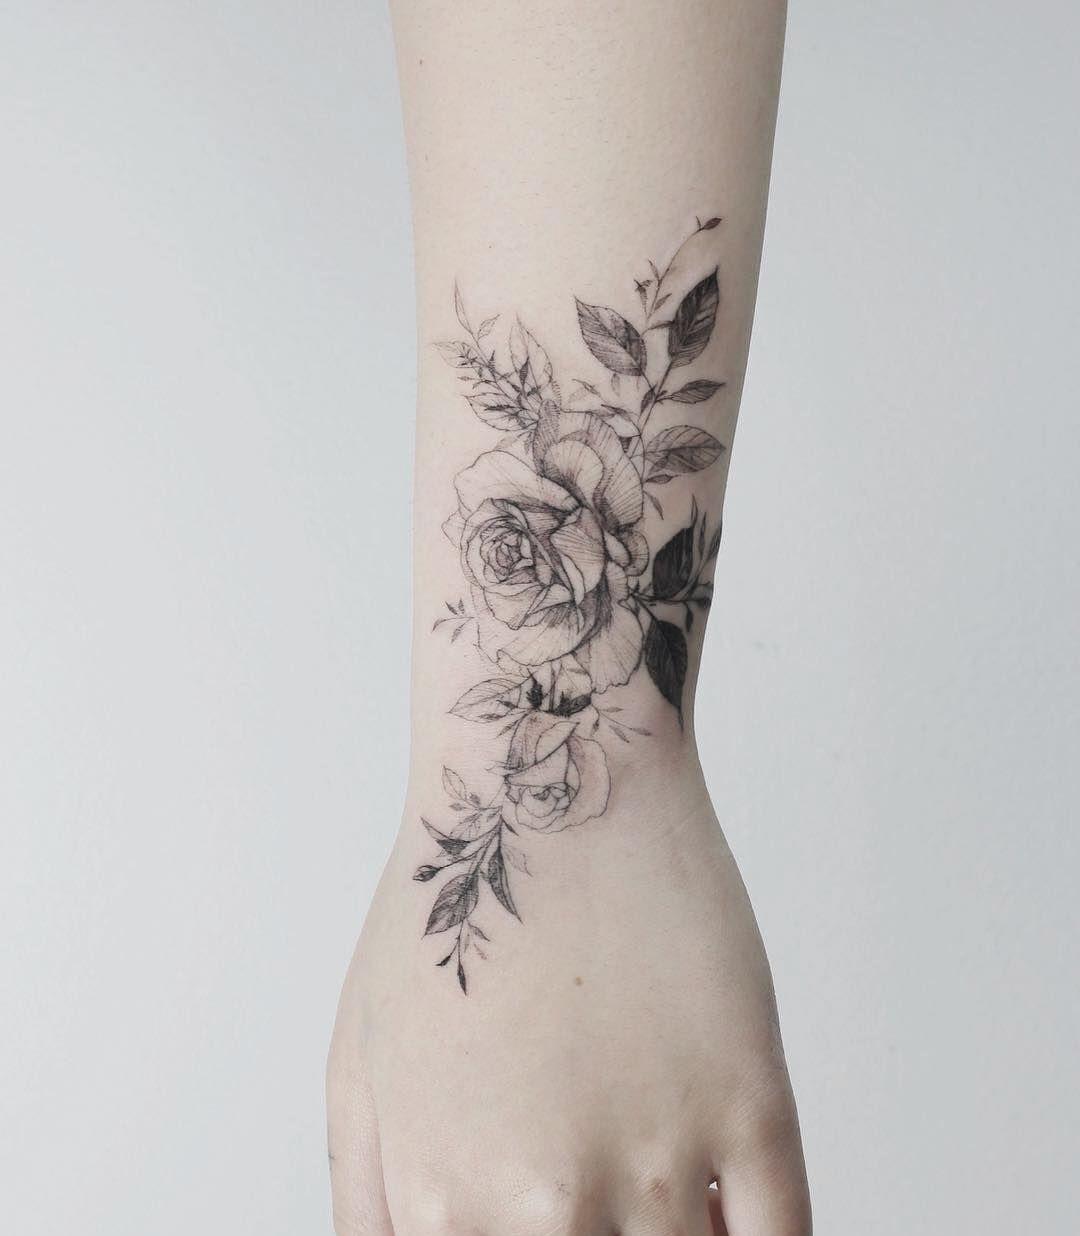 Flower Tattoo Artist Tattooist Flower Tatuyiseuteu 2020 Dovmeli Kadin Gul Dovmeleri Inspiration Tattoos